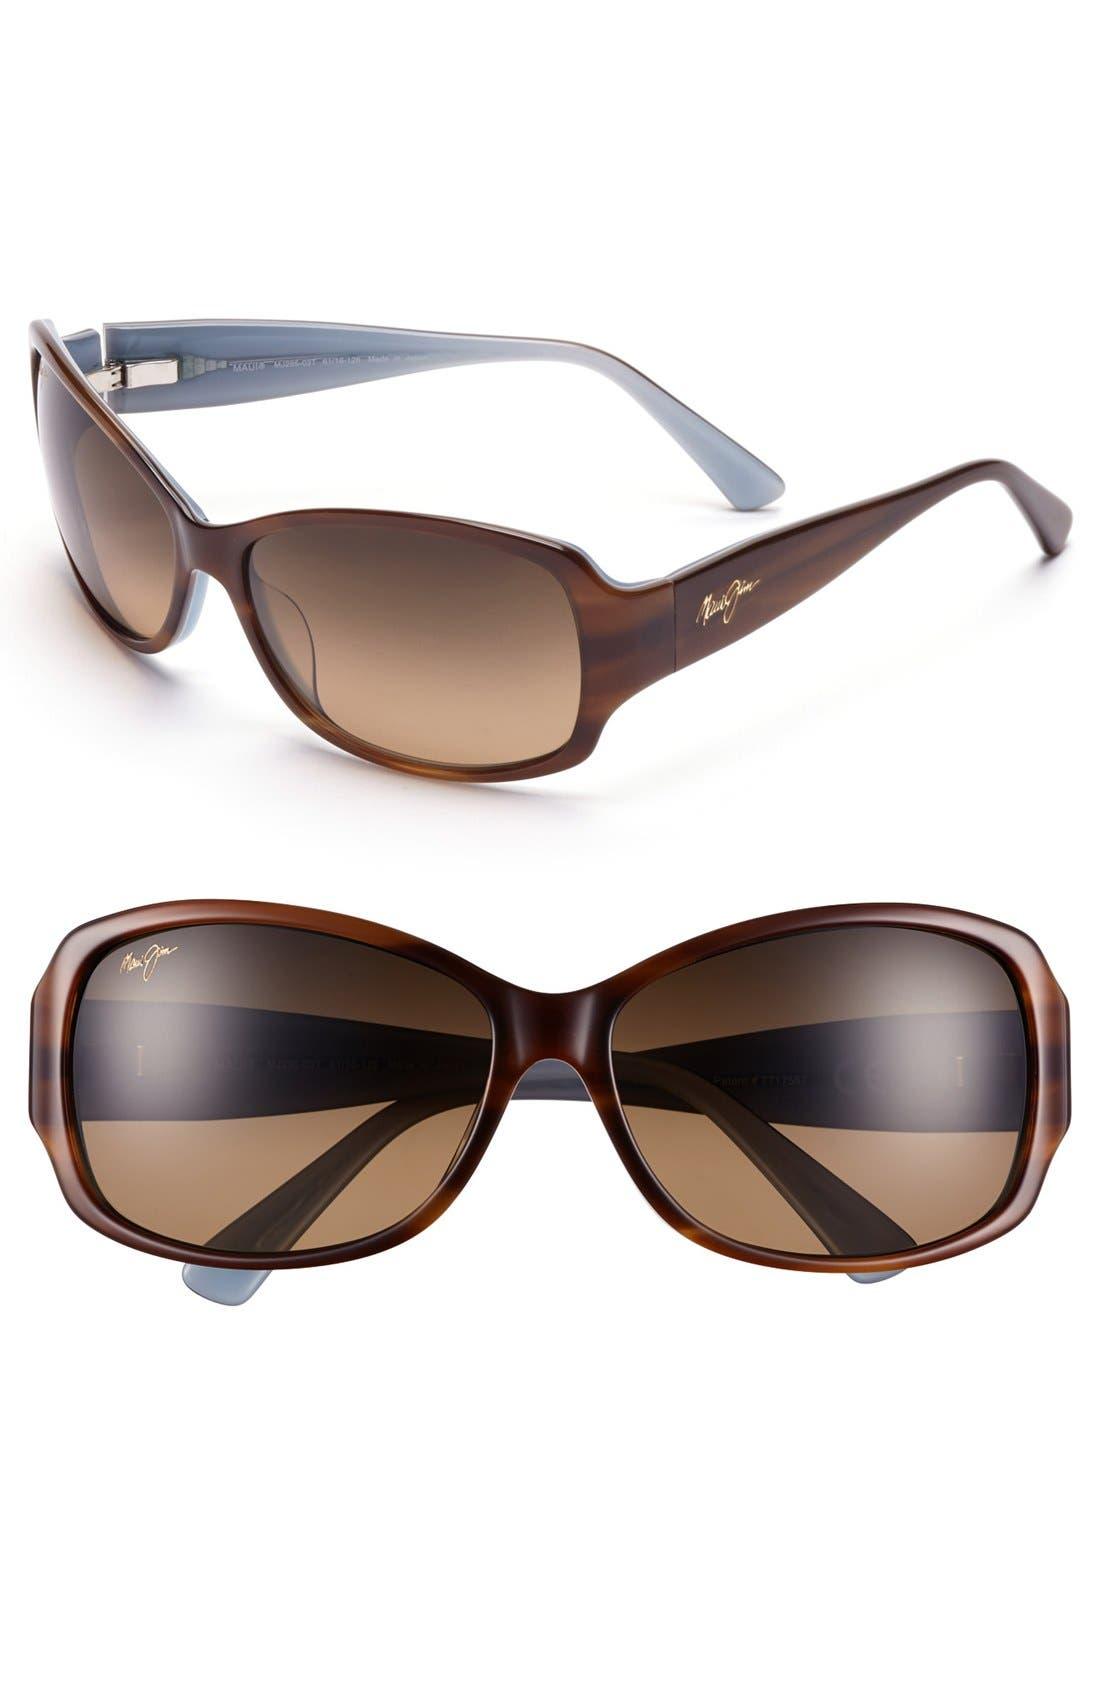 Nalani 61mm PolarizedPlus2<sup>®</sup> Sunglasses,                             Main thumbnail 1, color,                             Tortoise/ White/ Blue